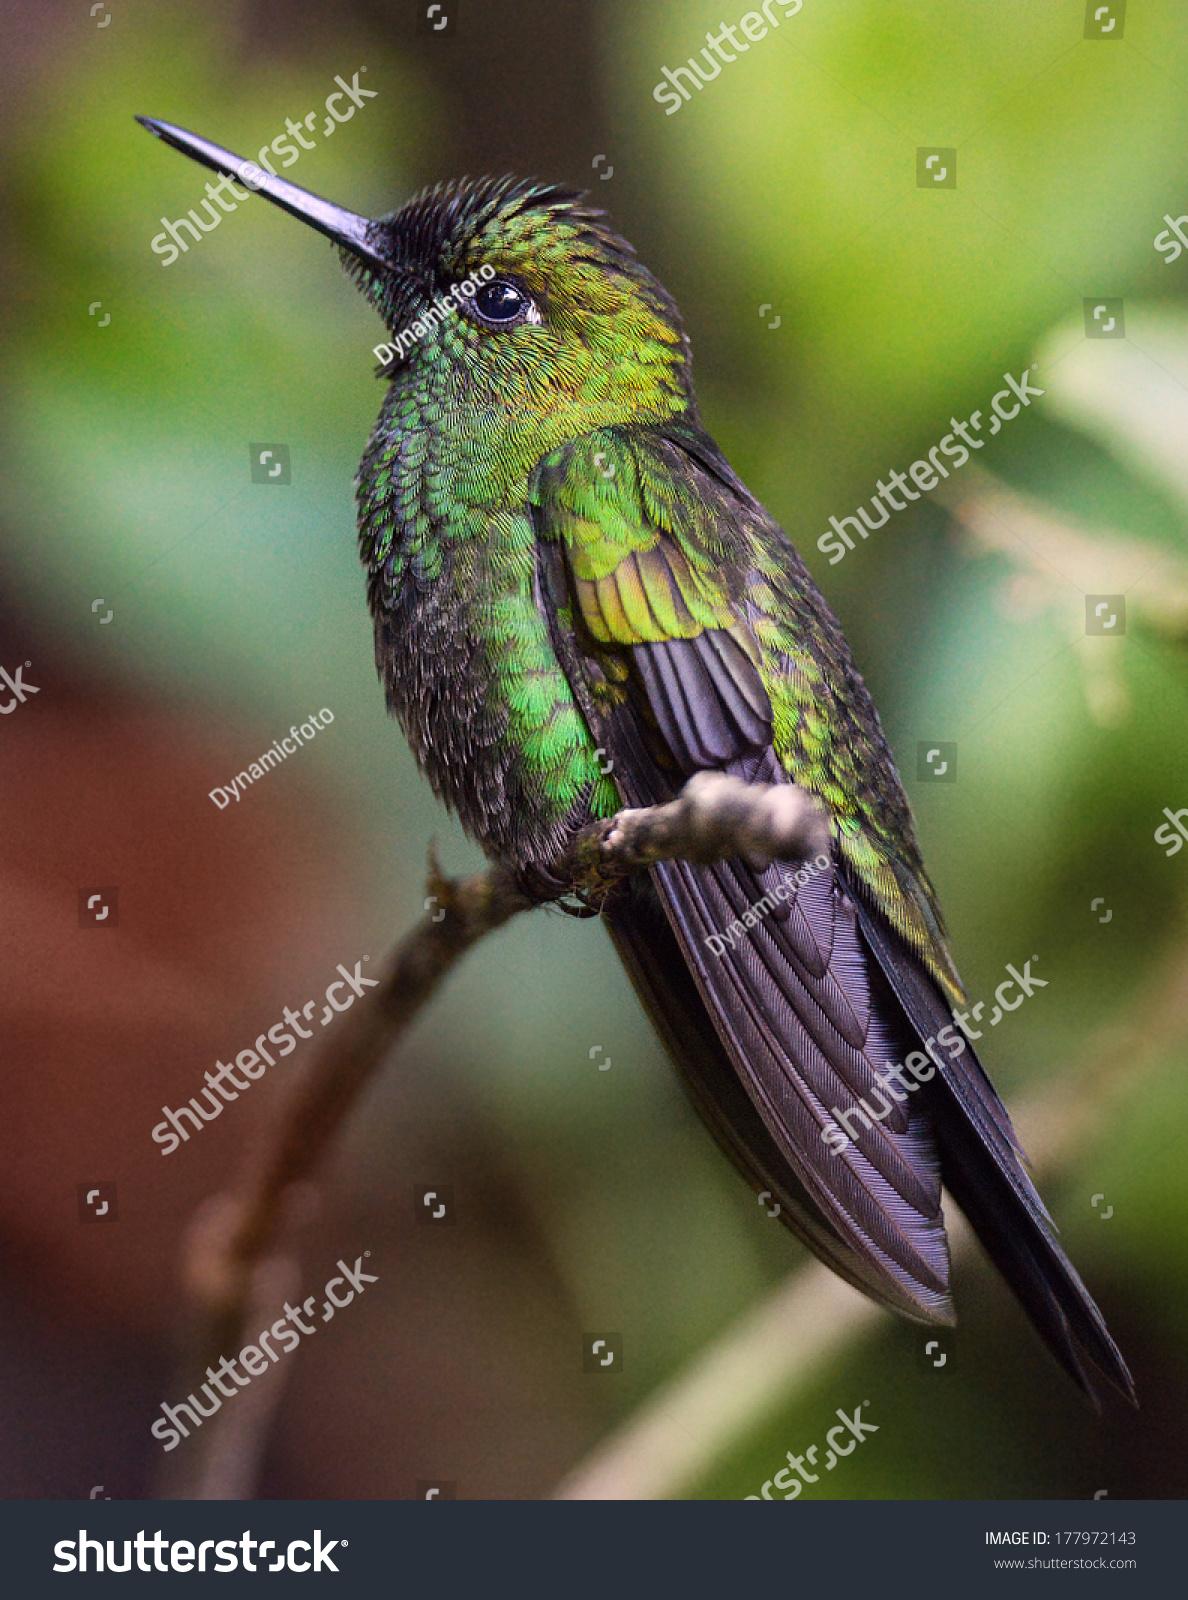 一枝美丽而奇特的绿色鸟-动物/野生生物,自然-海洛()